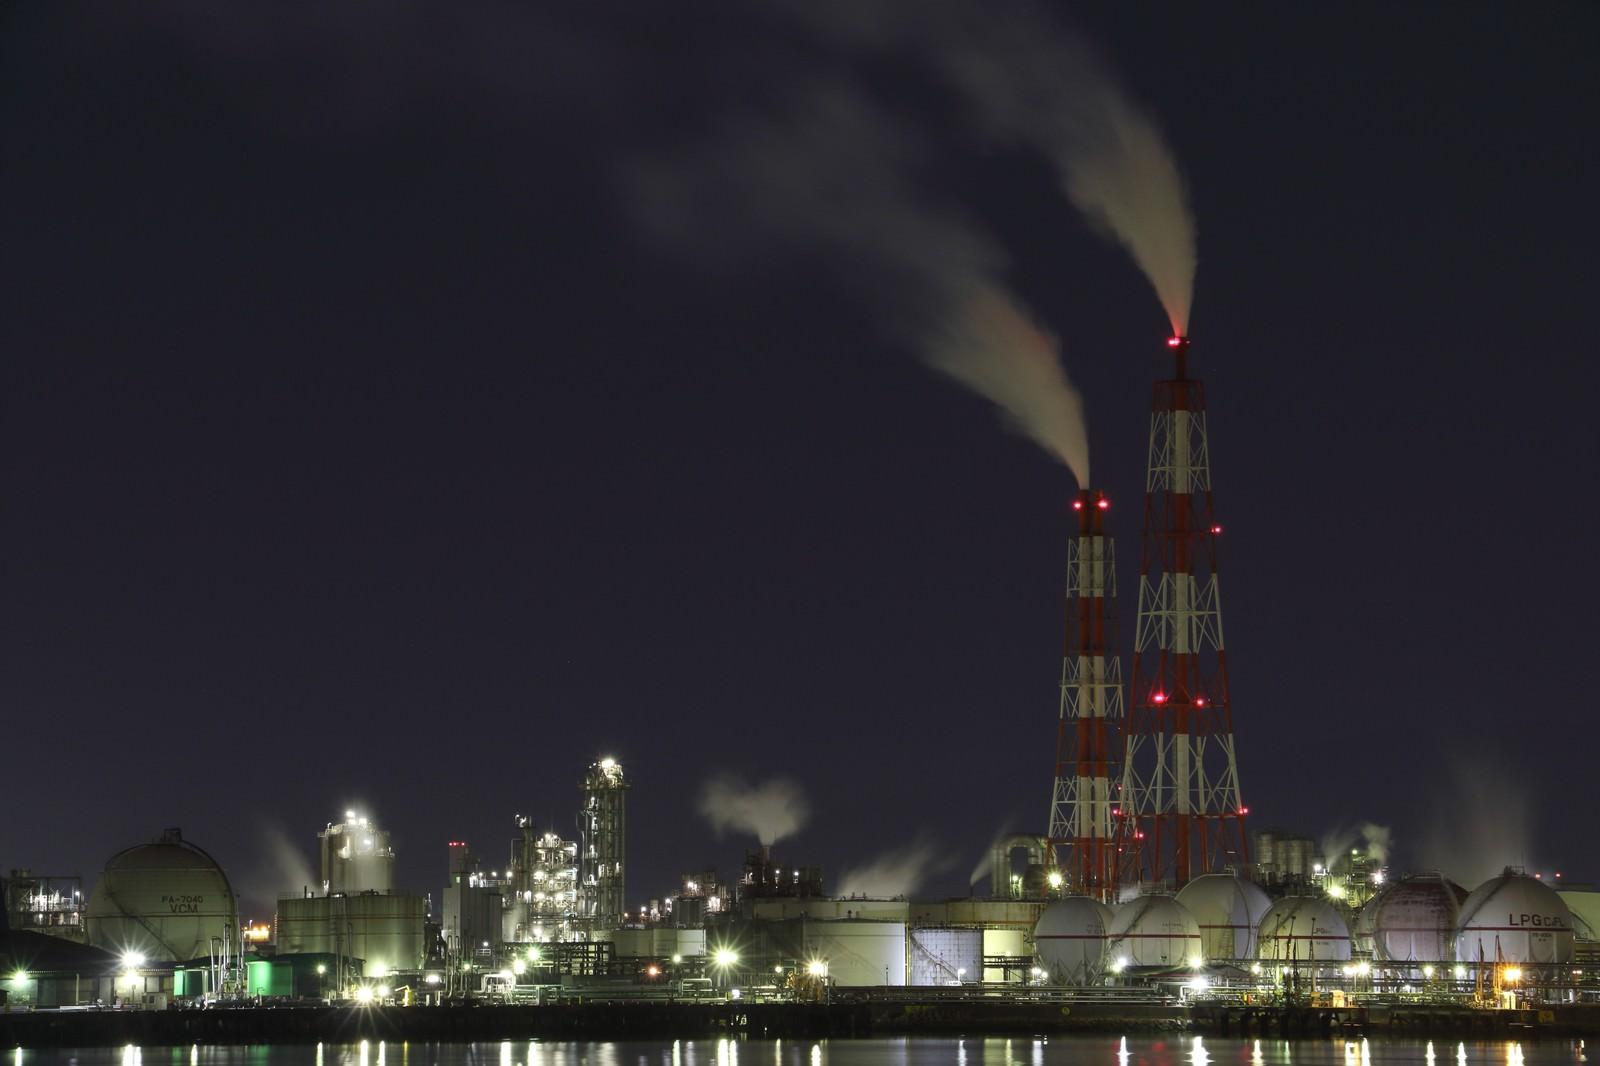 「工場の夜景撮影工場の夜景撮影」のフリー写真素材を拡大